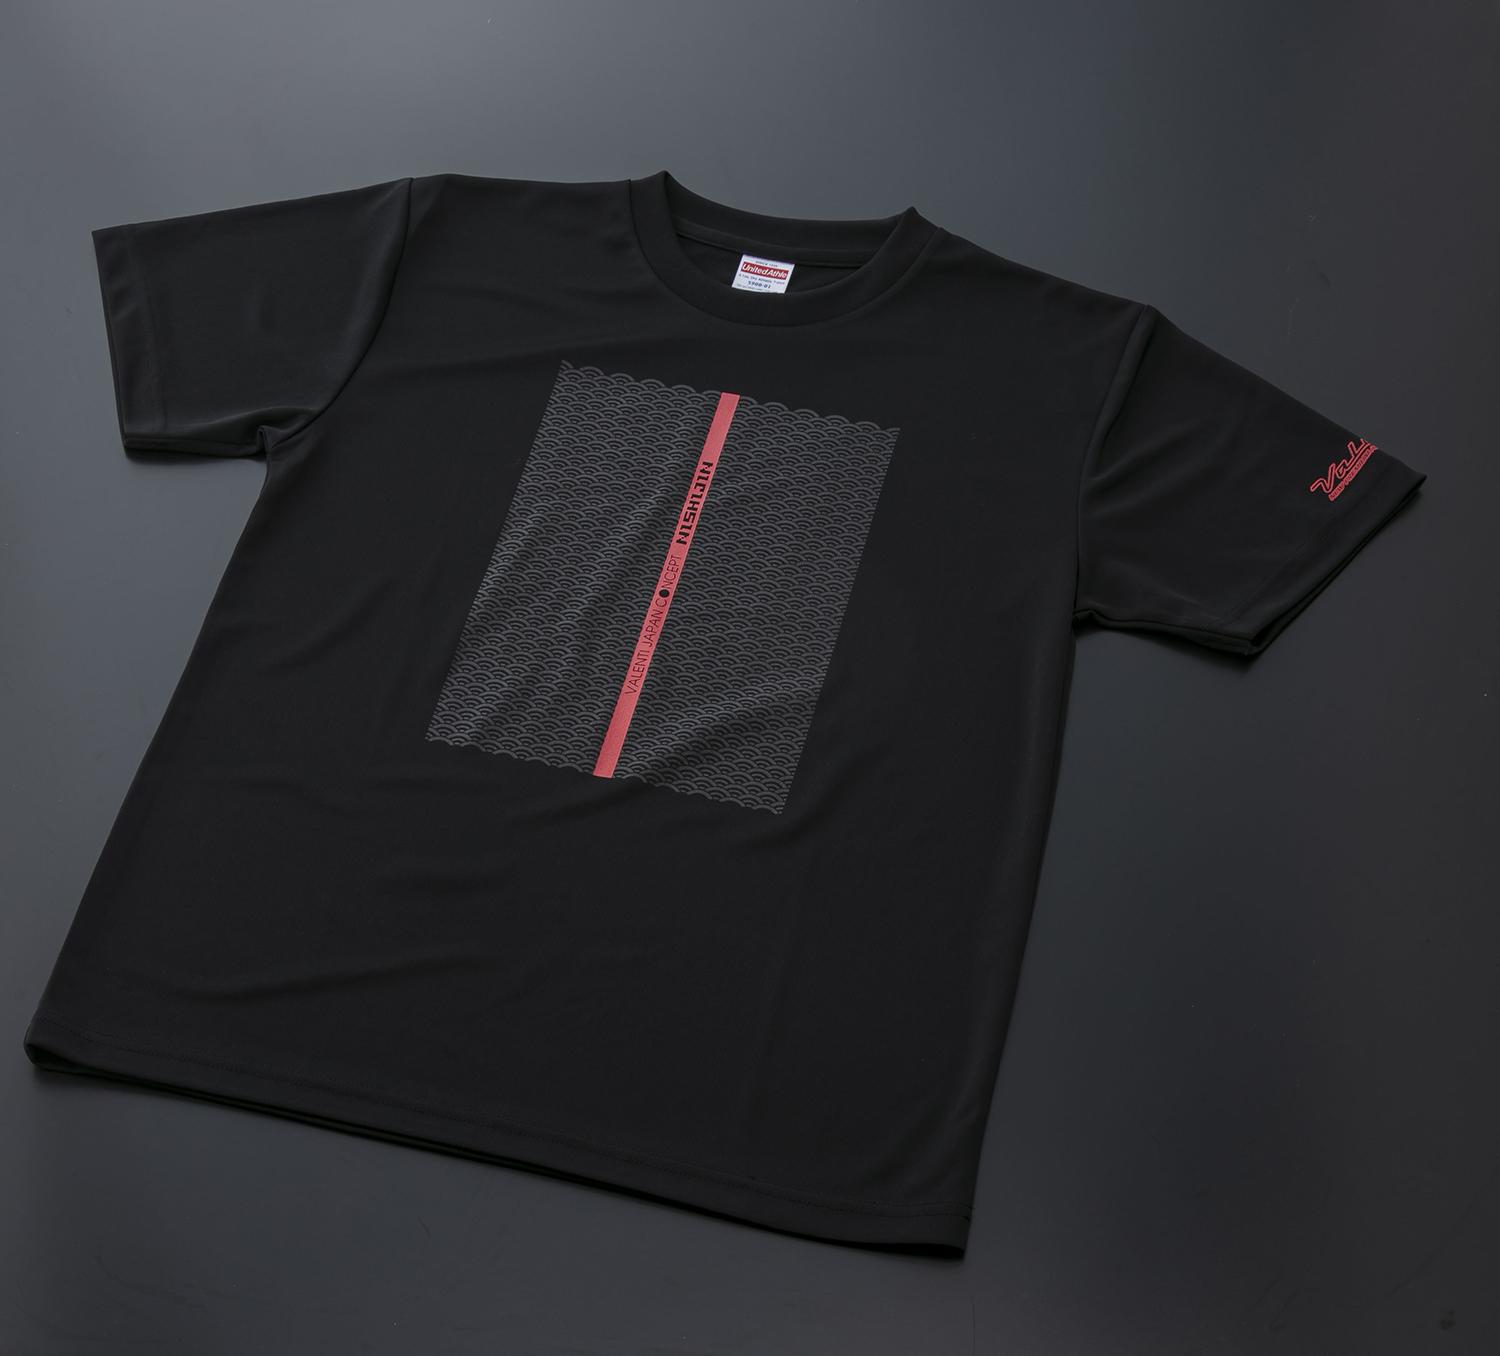 Valenti ヴァレンティ オンラインショップ限定 オリジナル半袖ドライTシャツ Valenti×NISHIJINデザイン2 ストリートファッション [ATS-TSKSK2]